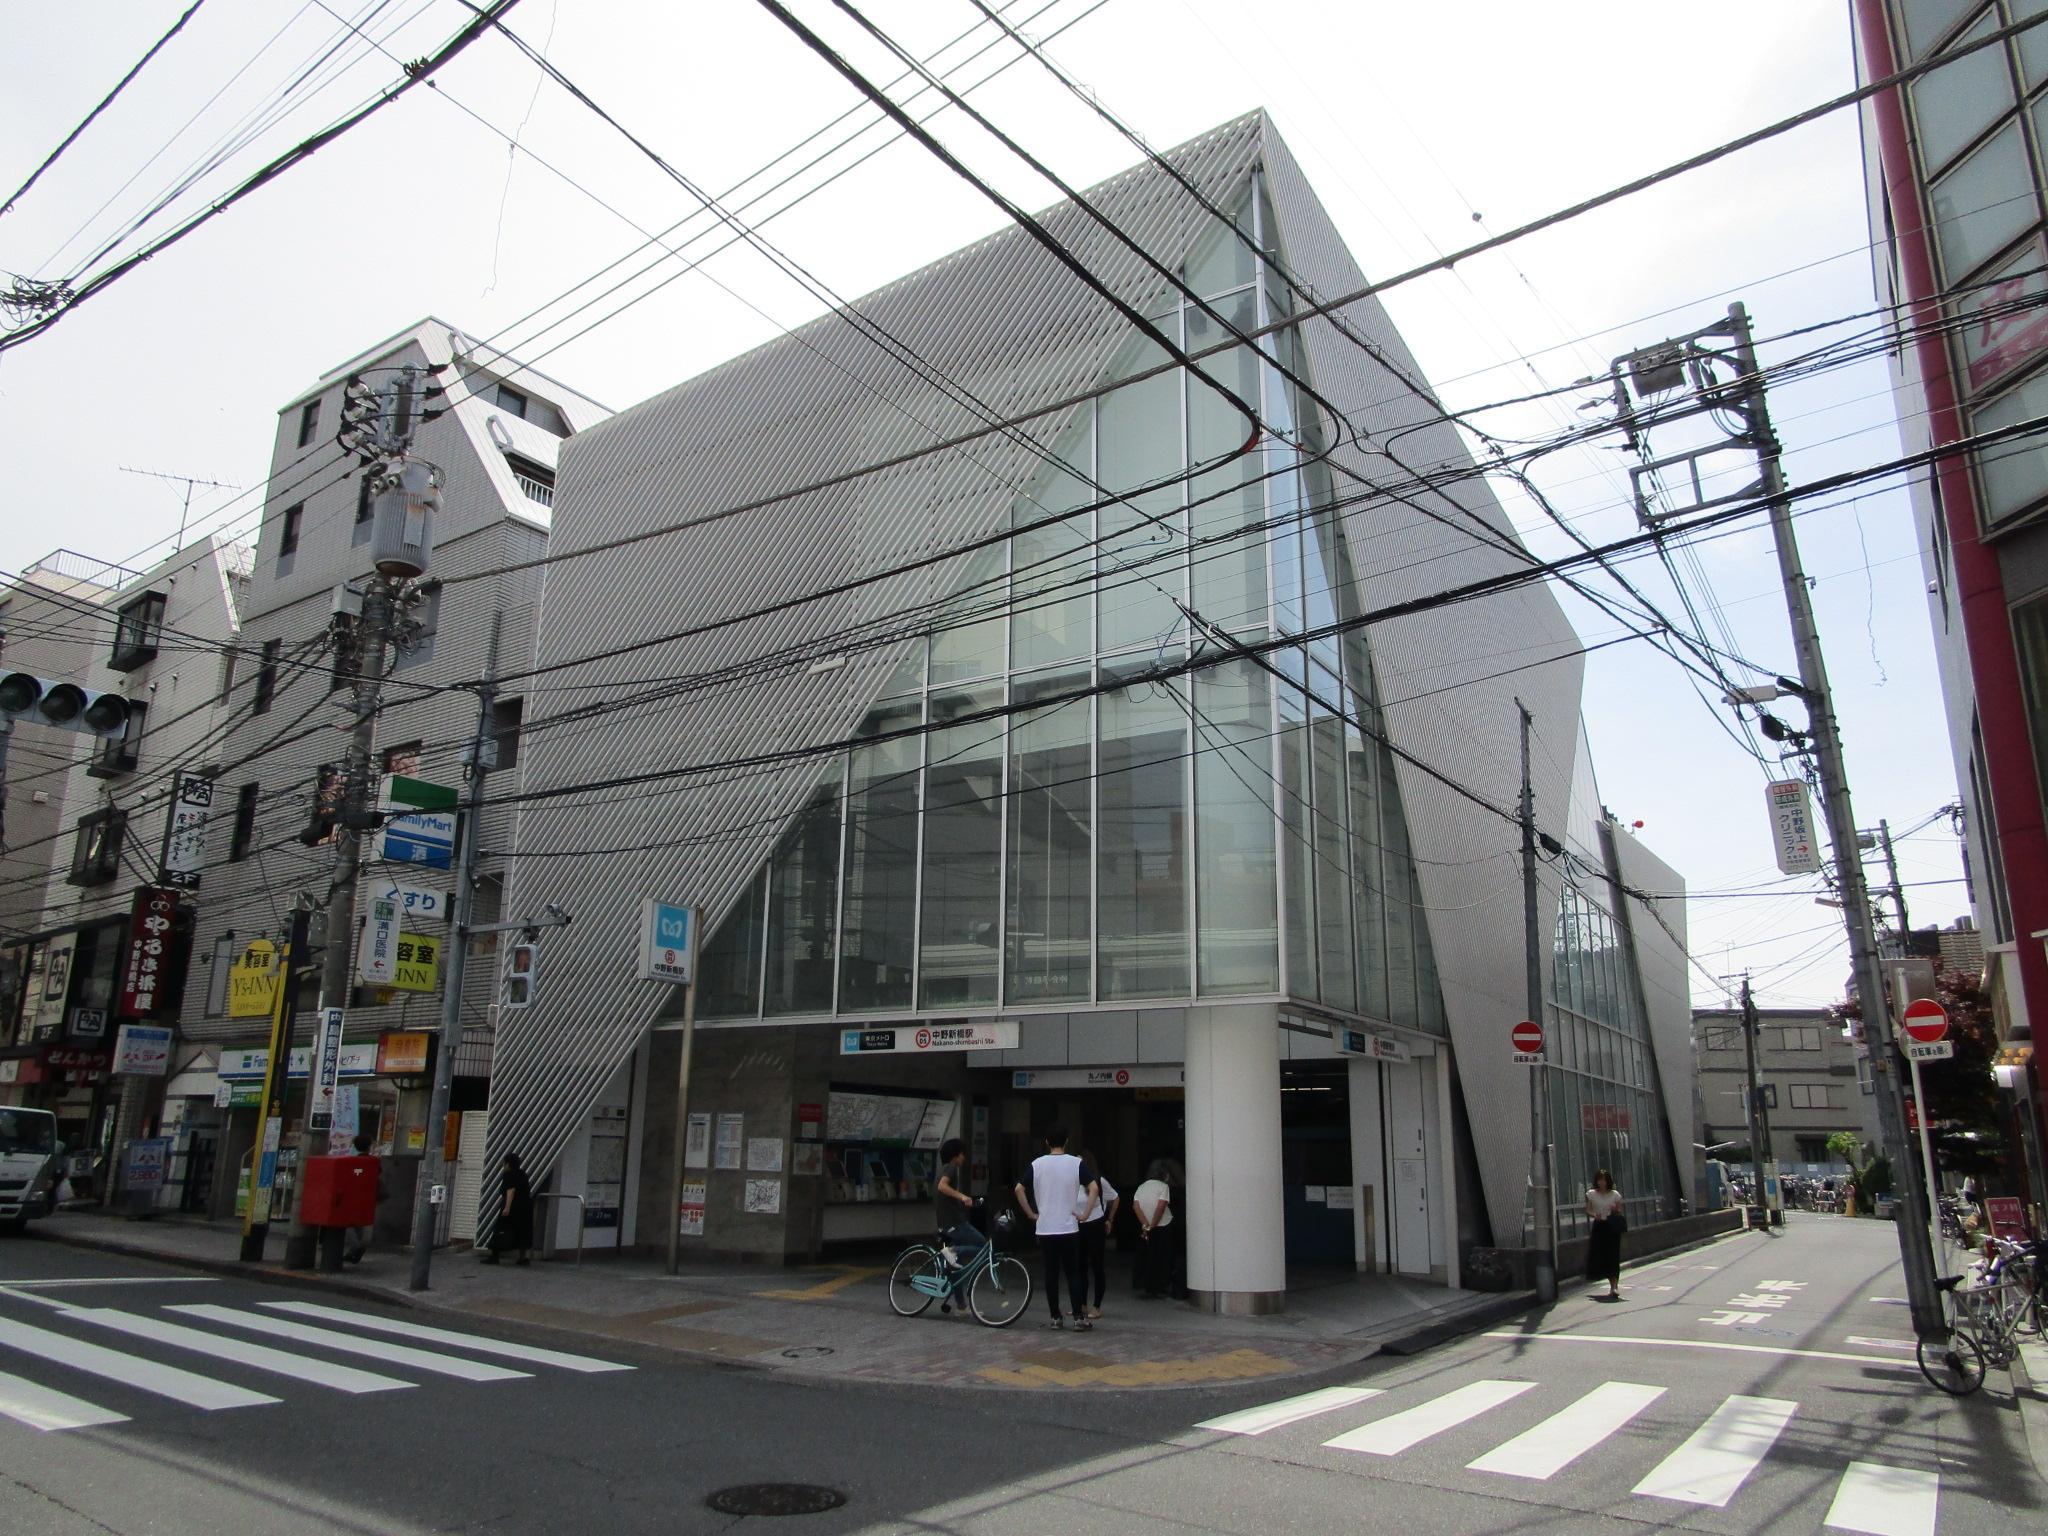 東京メトロ丸の内支線 中野新橋駅前(周辺)